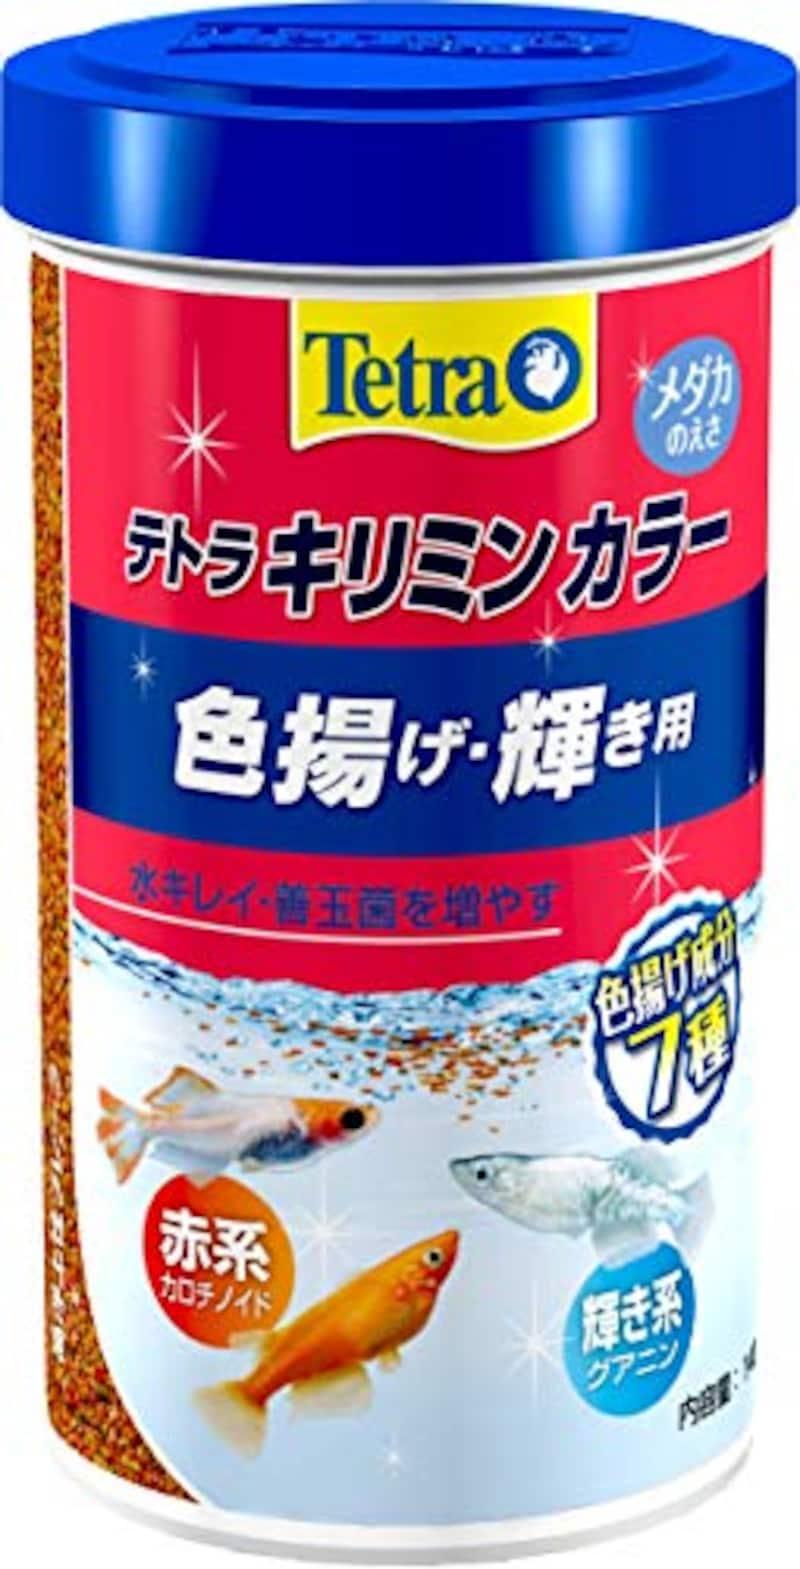 テトラ,キリミン カラー,77059